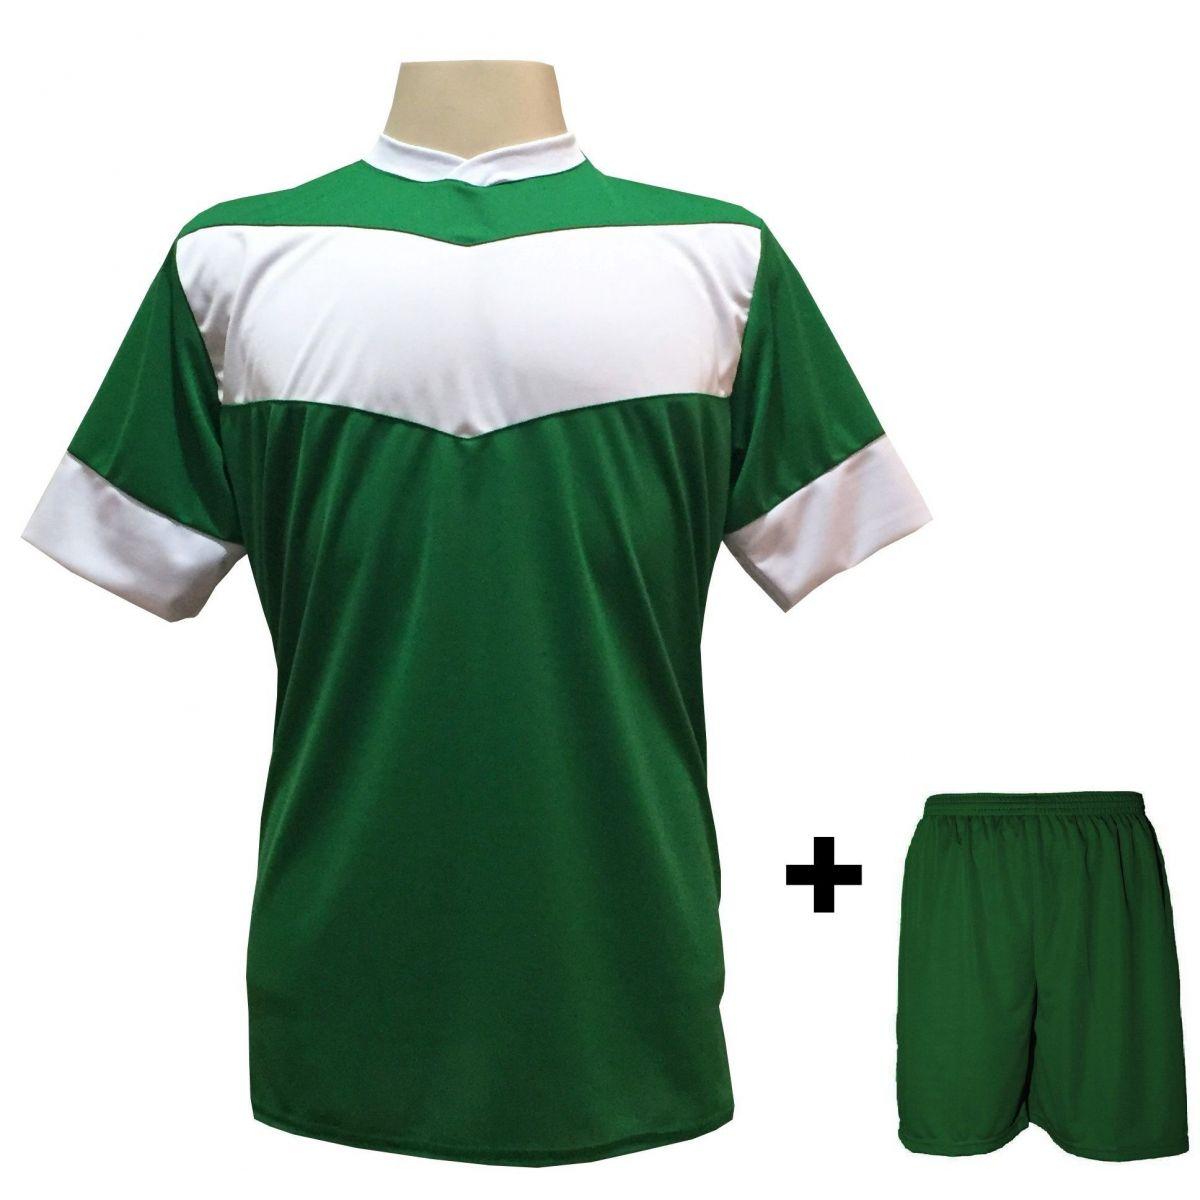 Uniforme Esportivo com 18 camisas modelo Columbus Verde/Branco + 18 calções modelo Madrid Verde + Brindes